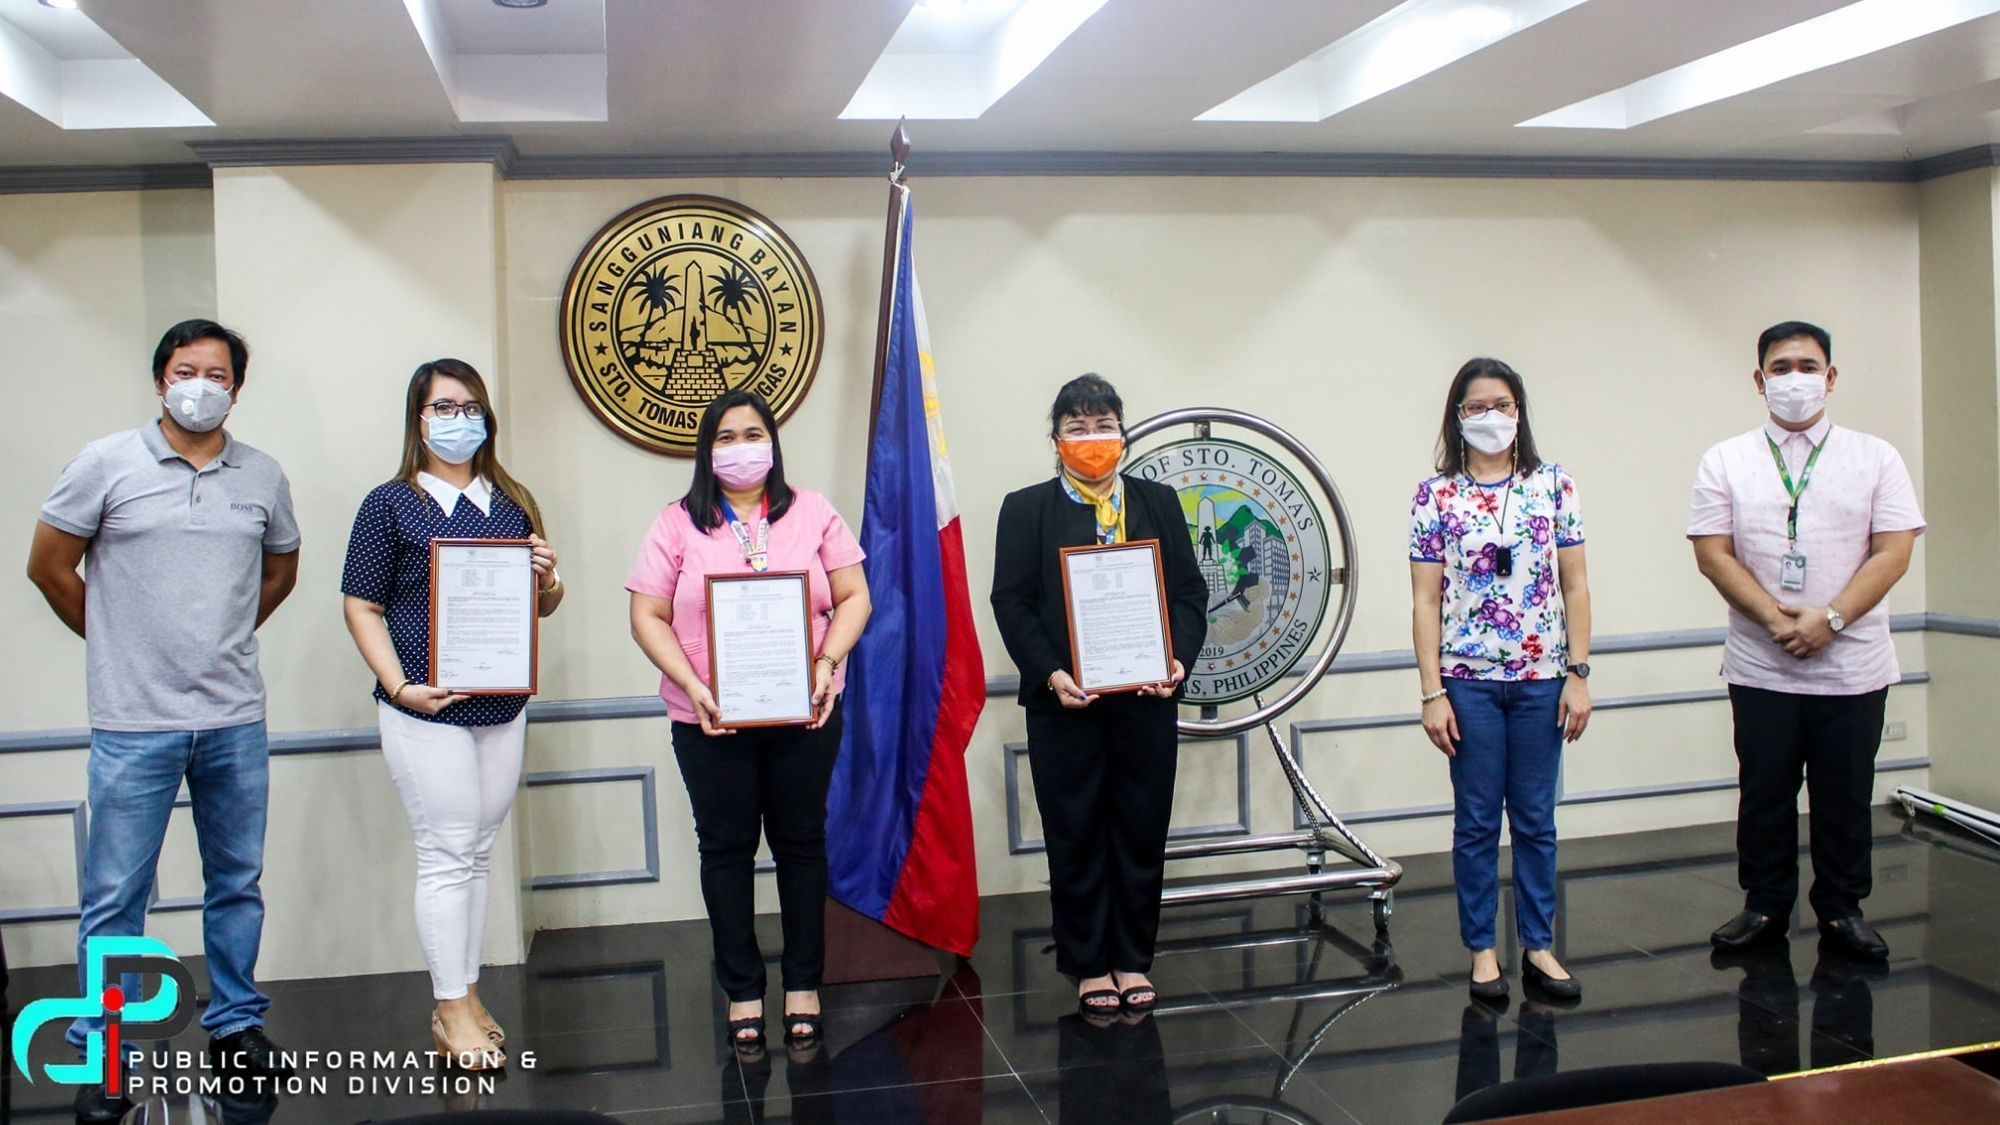 Natatanging Tomasino binigyang parangal ng Sangguniang Panlungsod